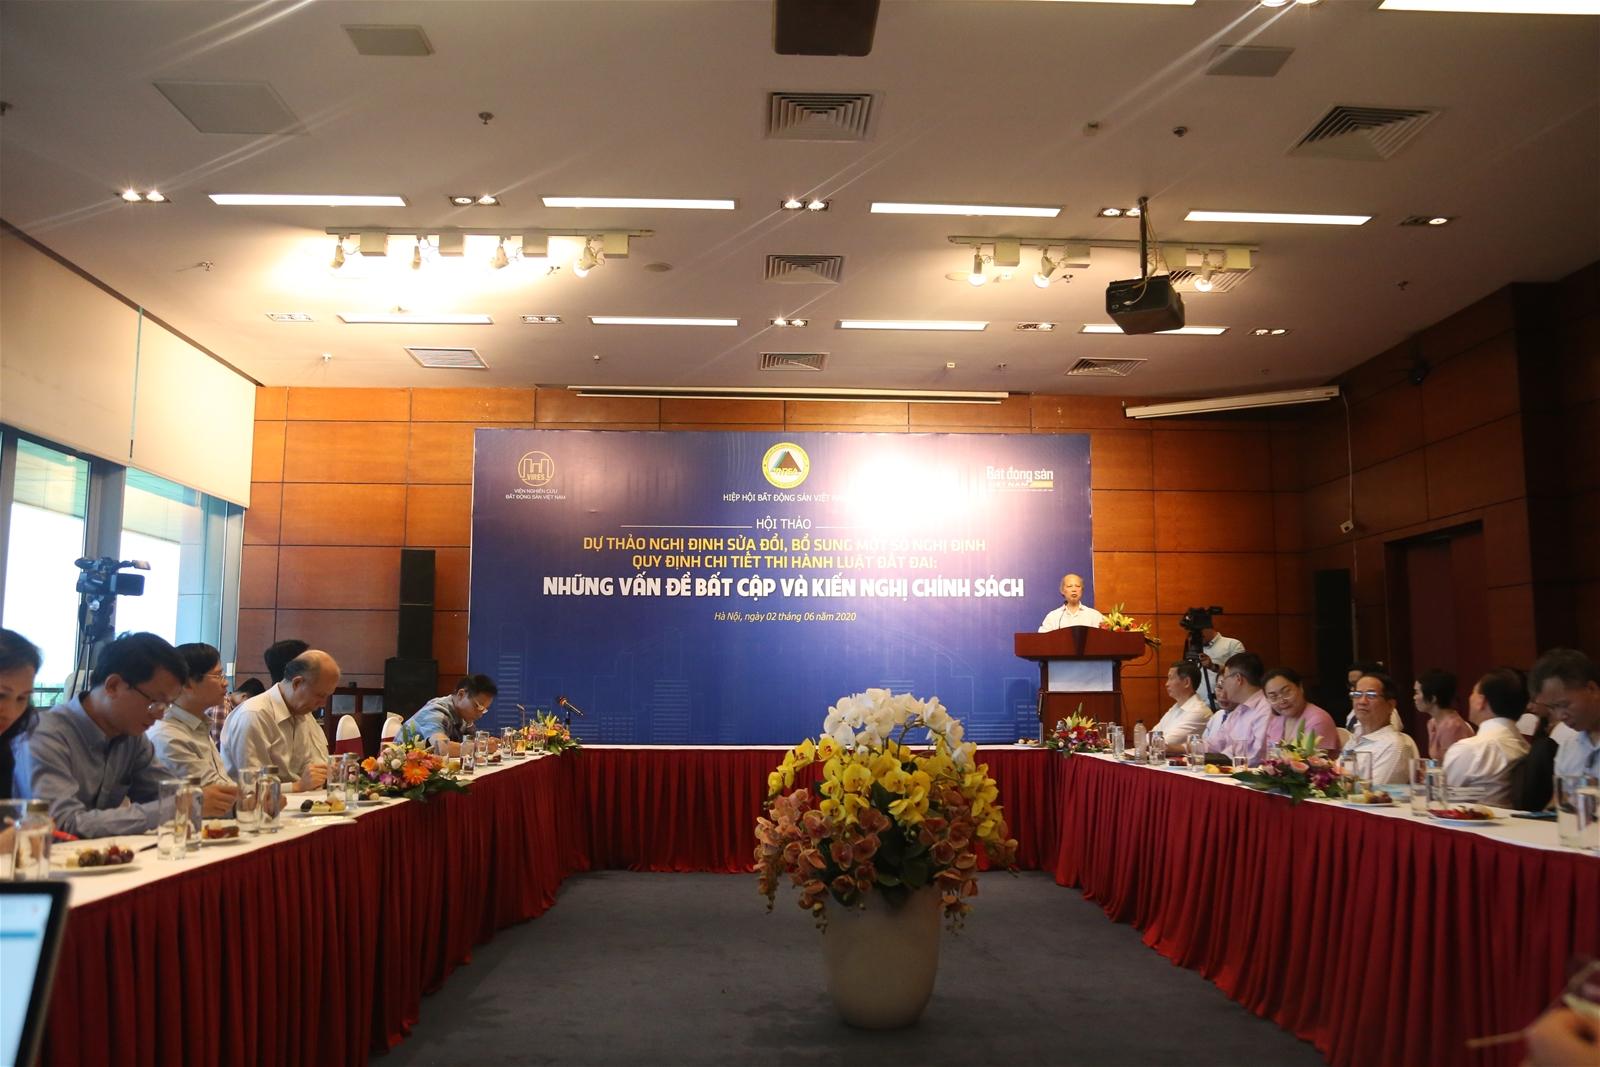 Các diễn giả tại hội thảo về phân lô bán nền.